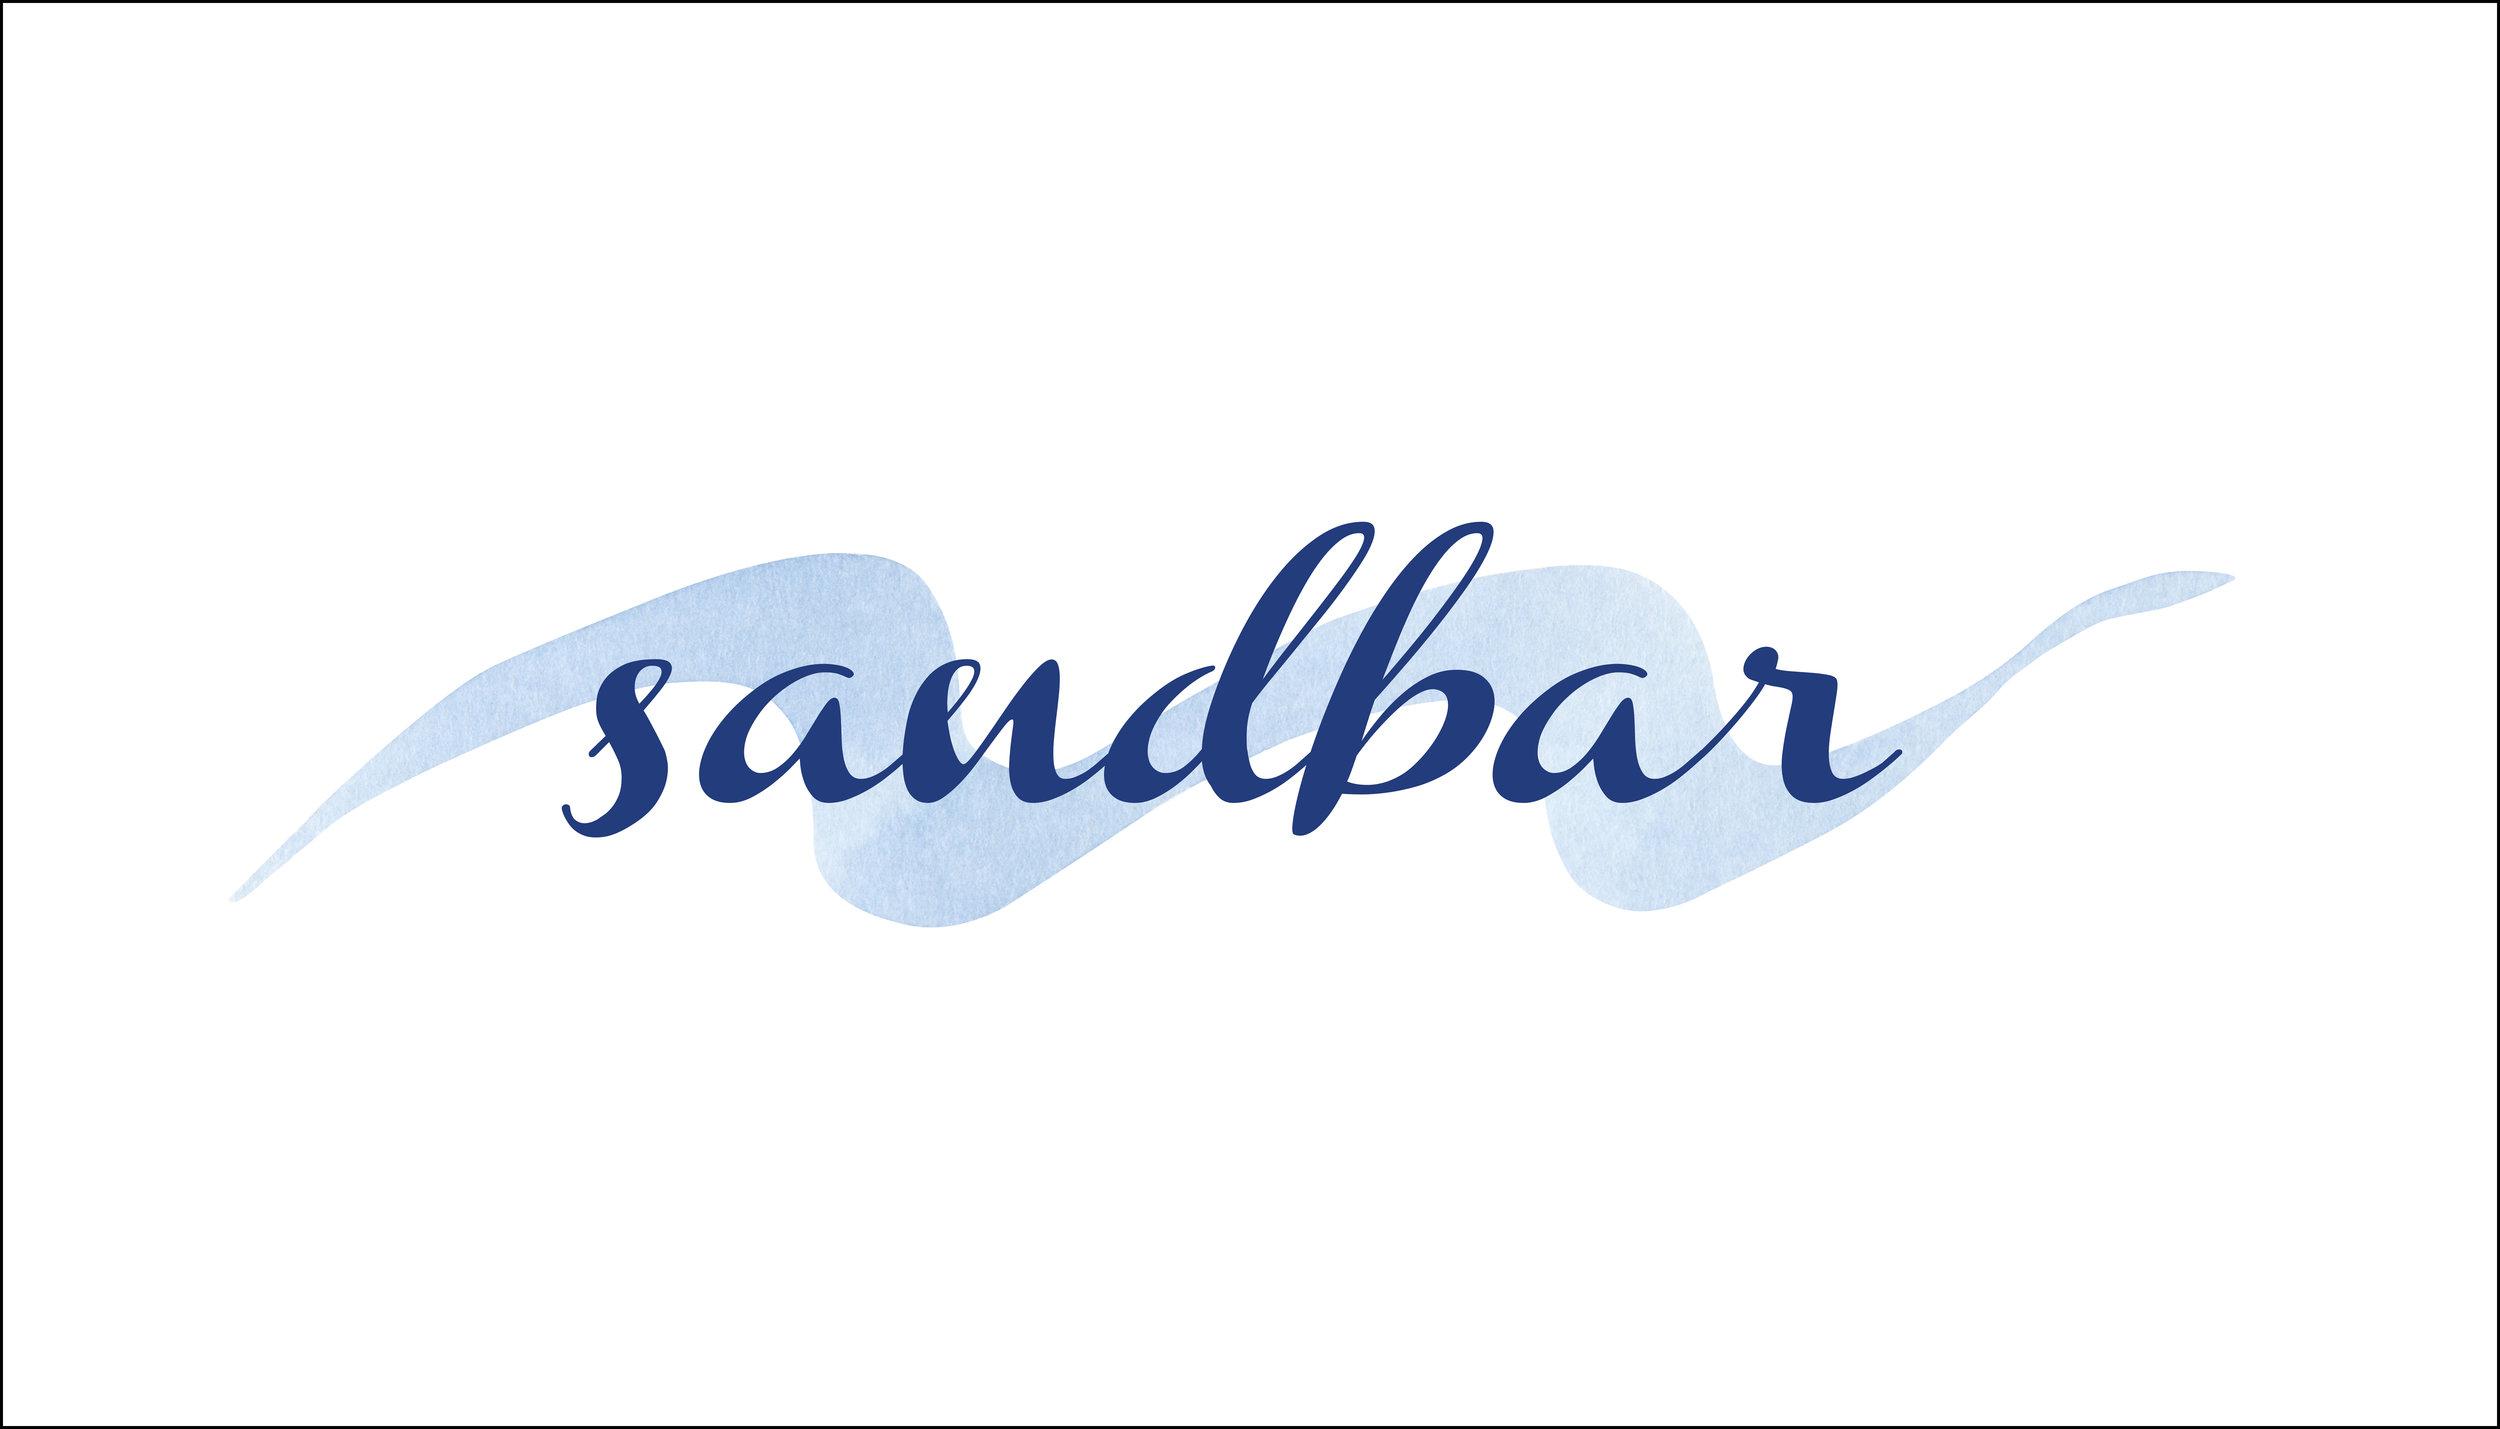 sandbar_stroke.jpg